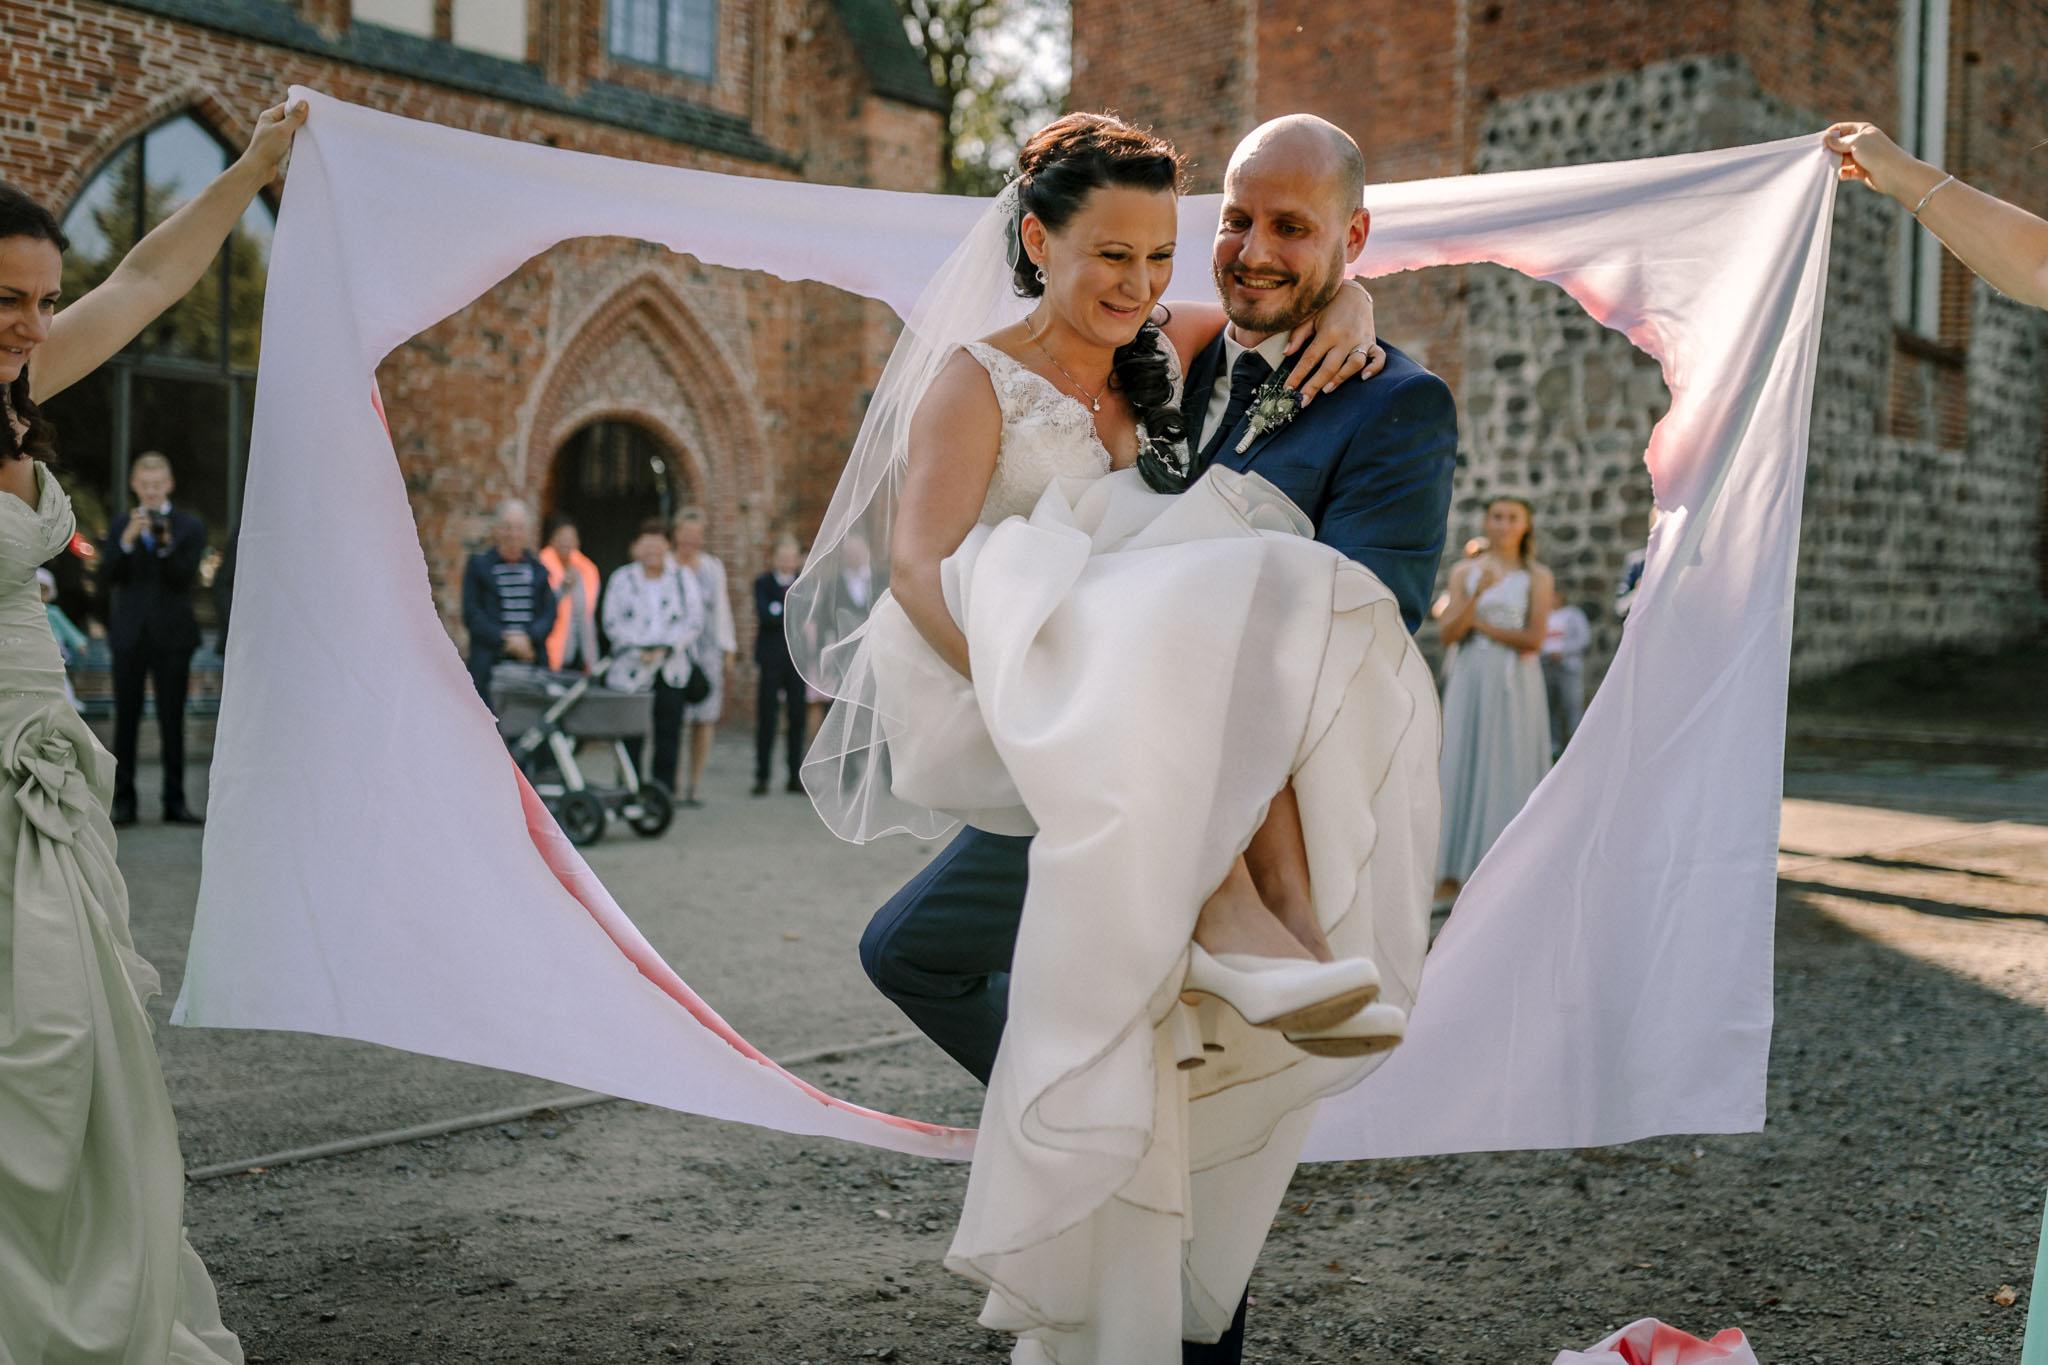 Hochzeitsfieber by Photo-Schomburg, Hochzeitsfotograf, Hamburg,Hochzeitstag, Hochzeitspaar, Braut, Bräutigam, Literaturhauscafe Zarrentin-64